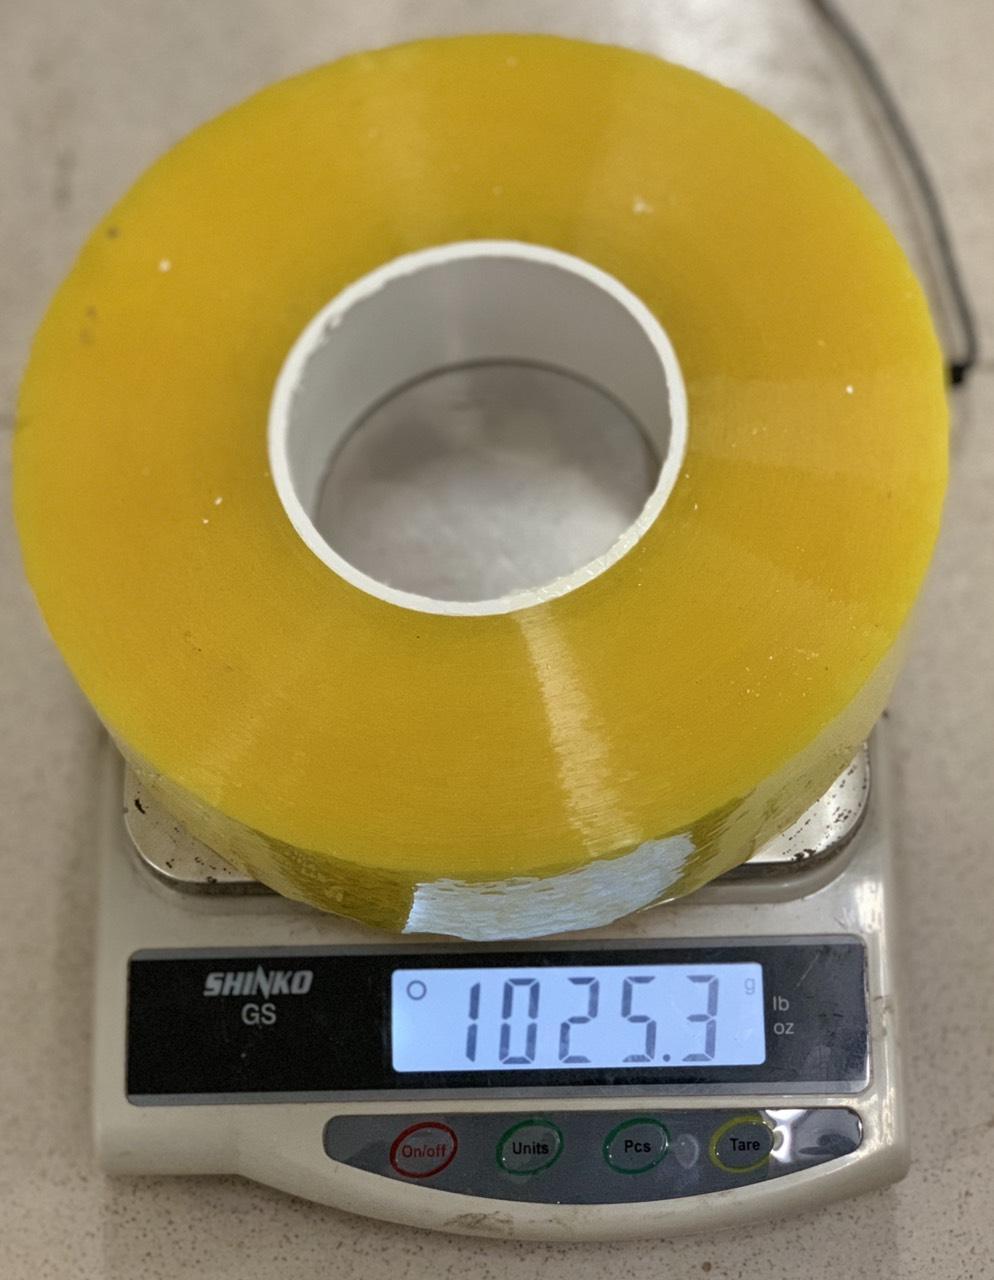 Mua Băng Dính 1kg/1 Cuộn_Giá 42.000đ/1 cuôn. Hàng siêu rẻ giá xuất tại xưởng